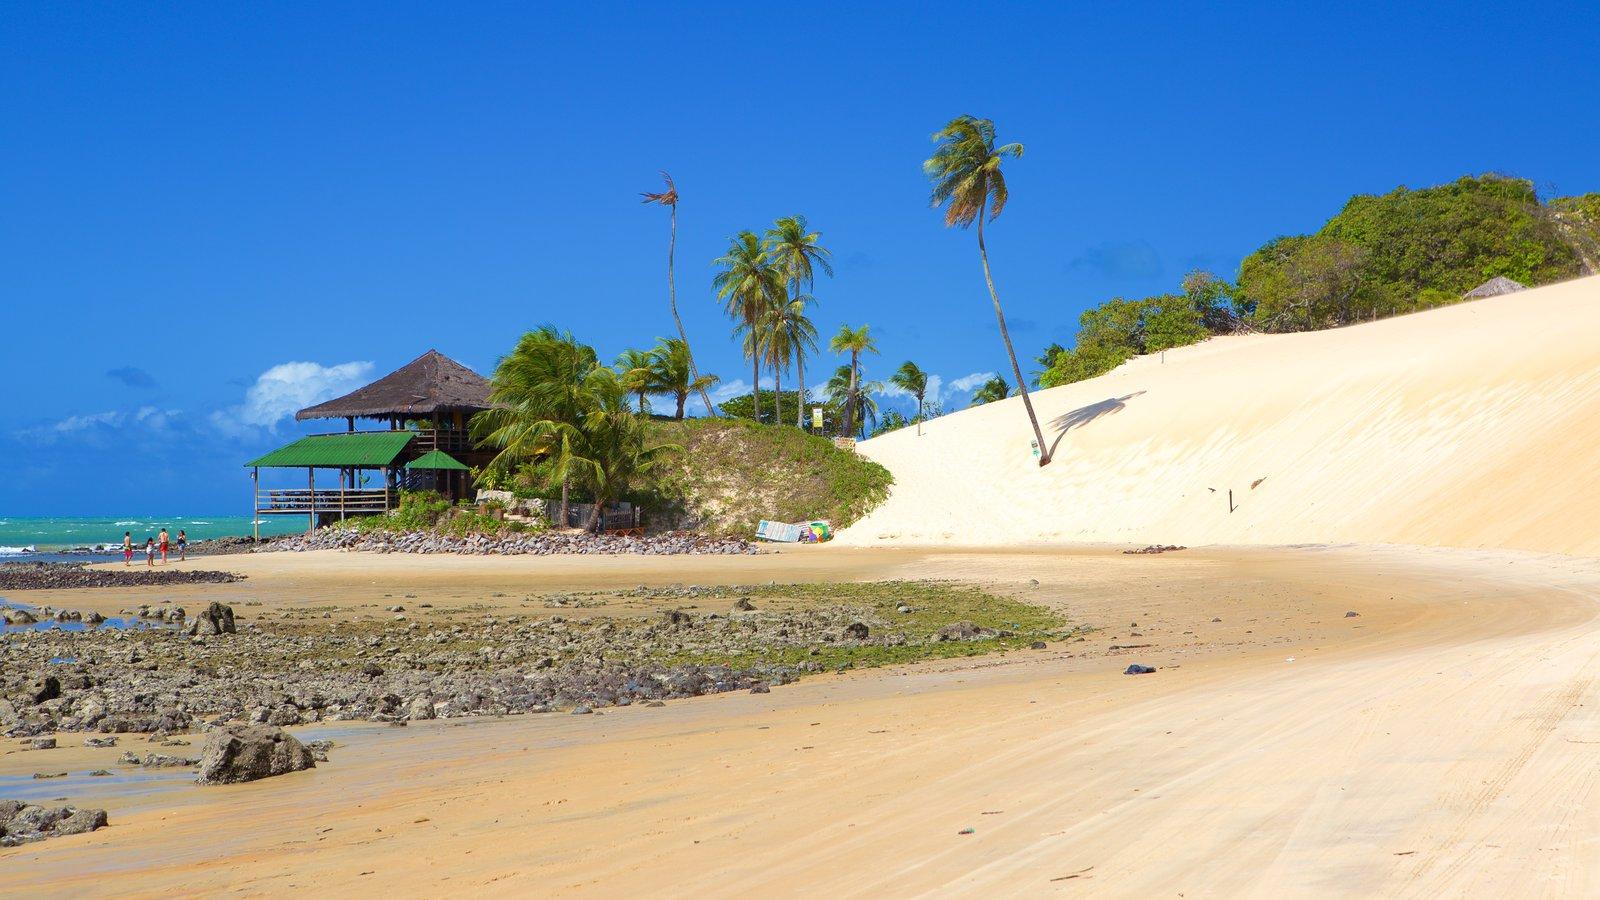 Praia de Genipabú que inclui cenas tropicais, paisagens litorâneas e uma praia de areia